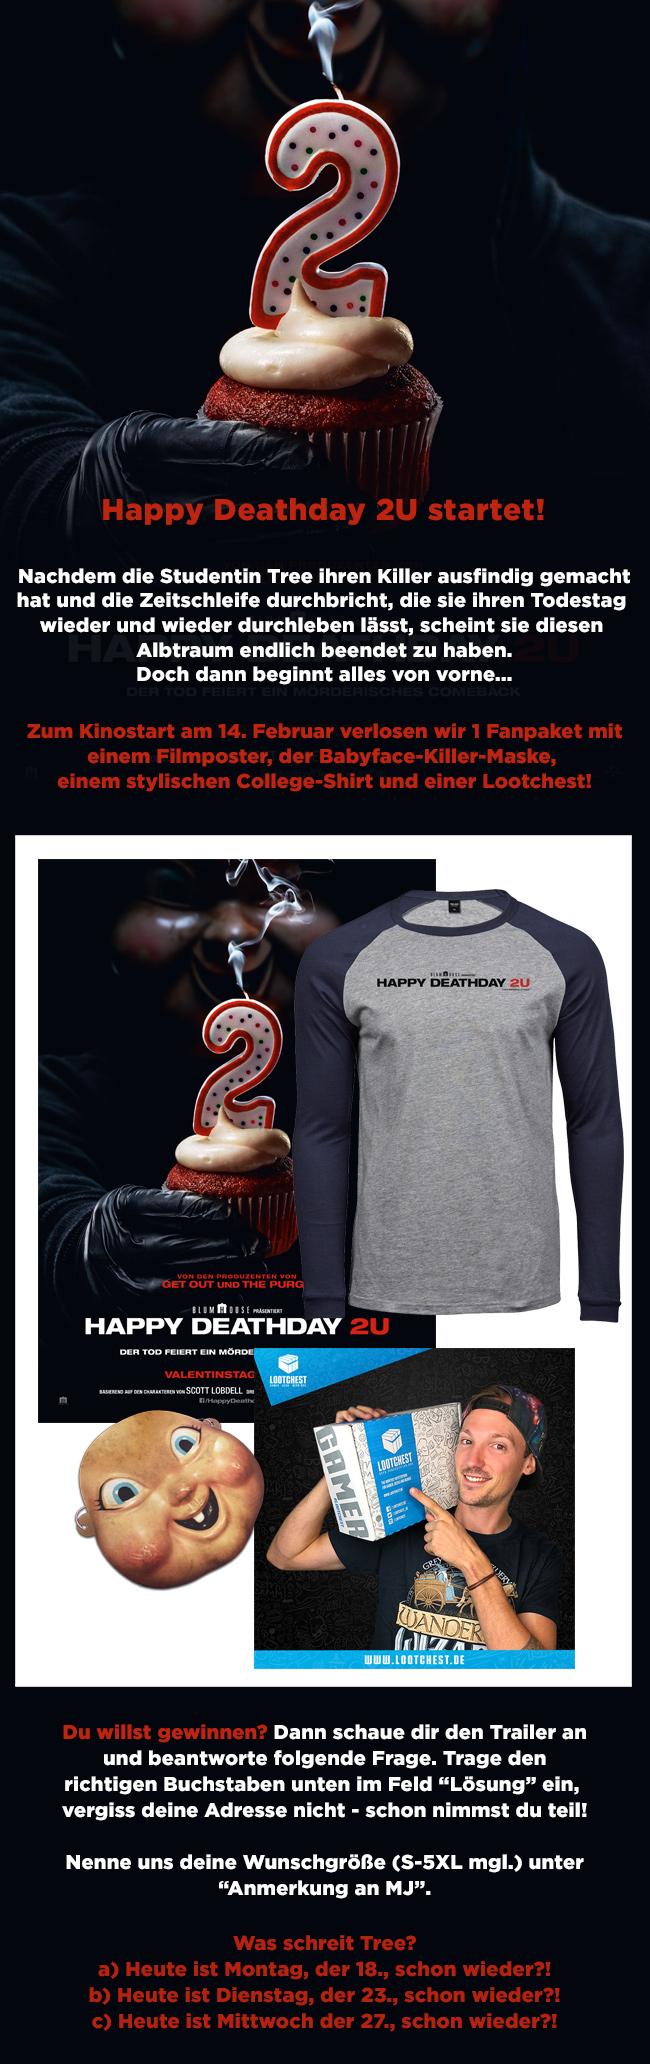 """Bild 1:Keine Angst, mitmachen: Gewinnspiel zu """"Happy Deathday 2U""""!"""